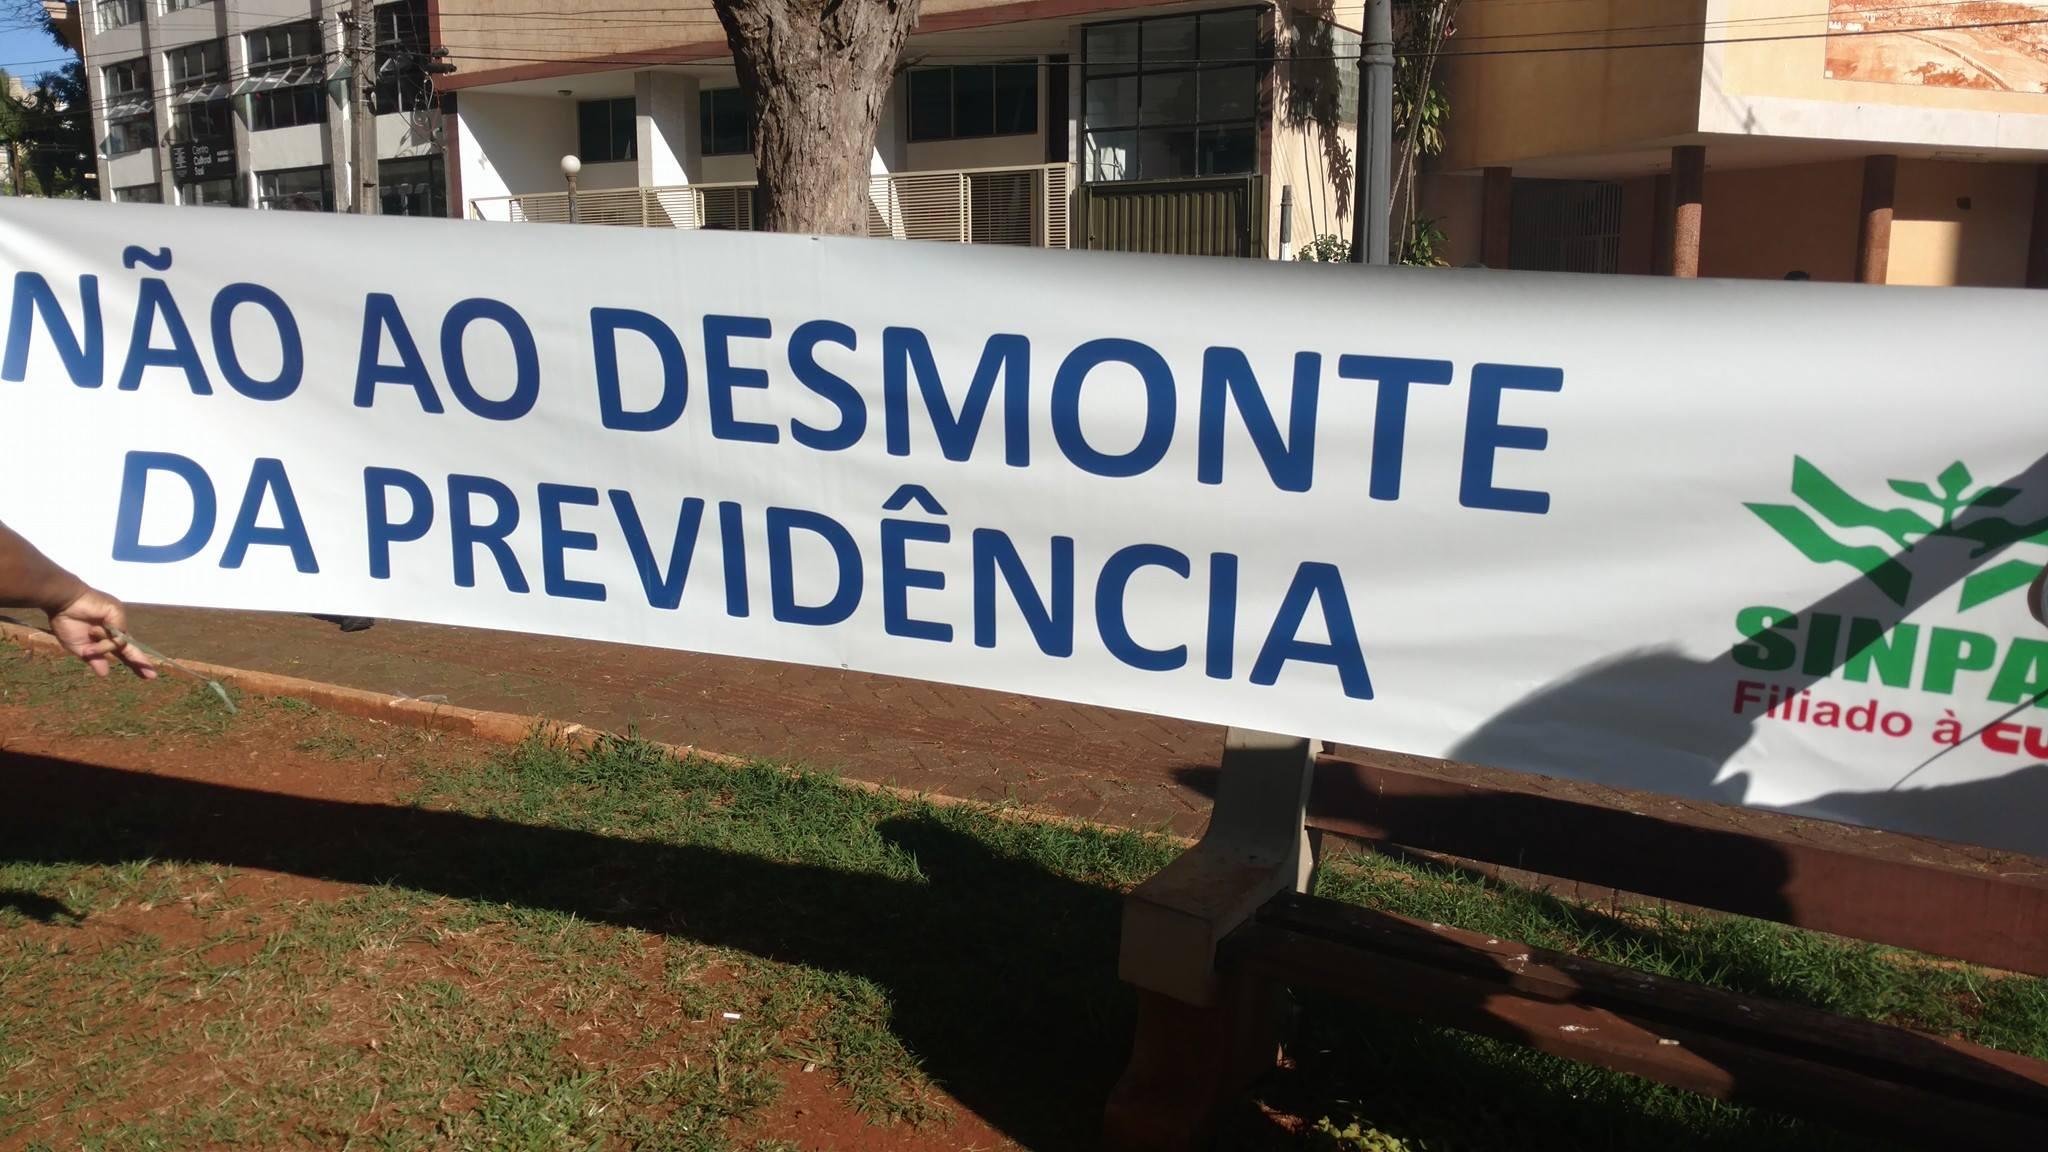 Manifestação na Concha Acústica - 15 março - contra a Reforma da Previdência - Foto Neto Almeida (24)